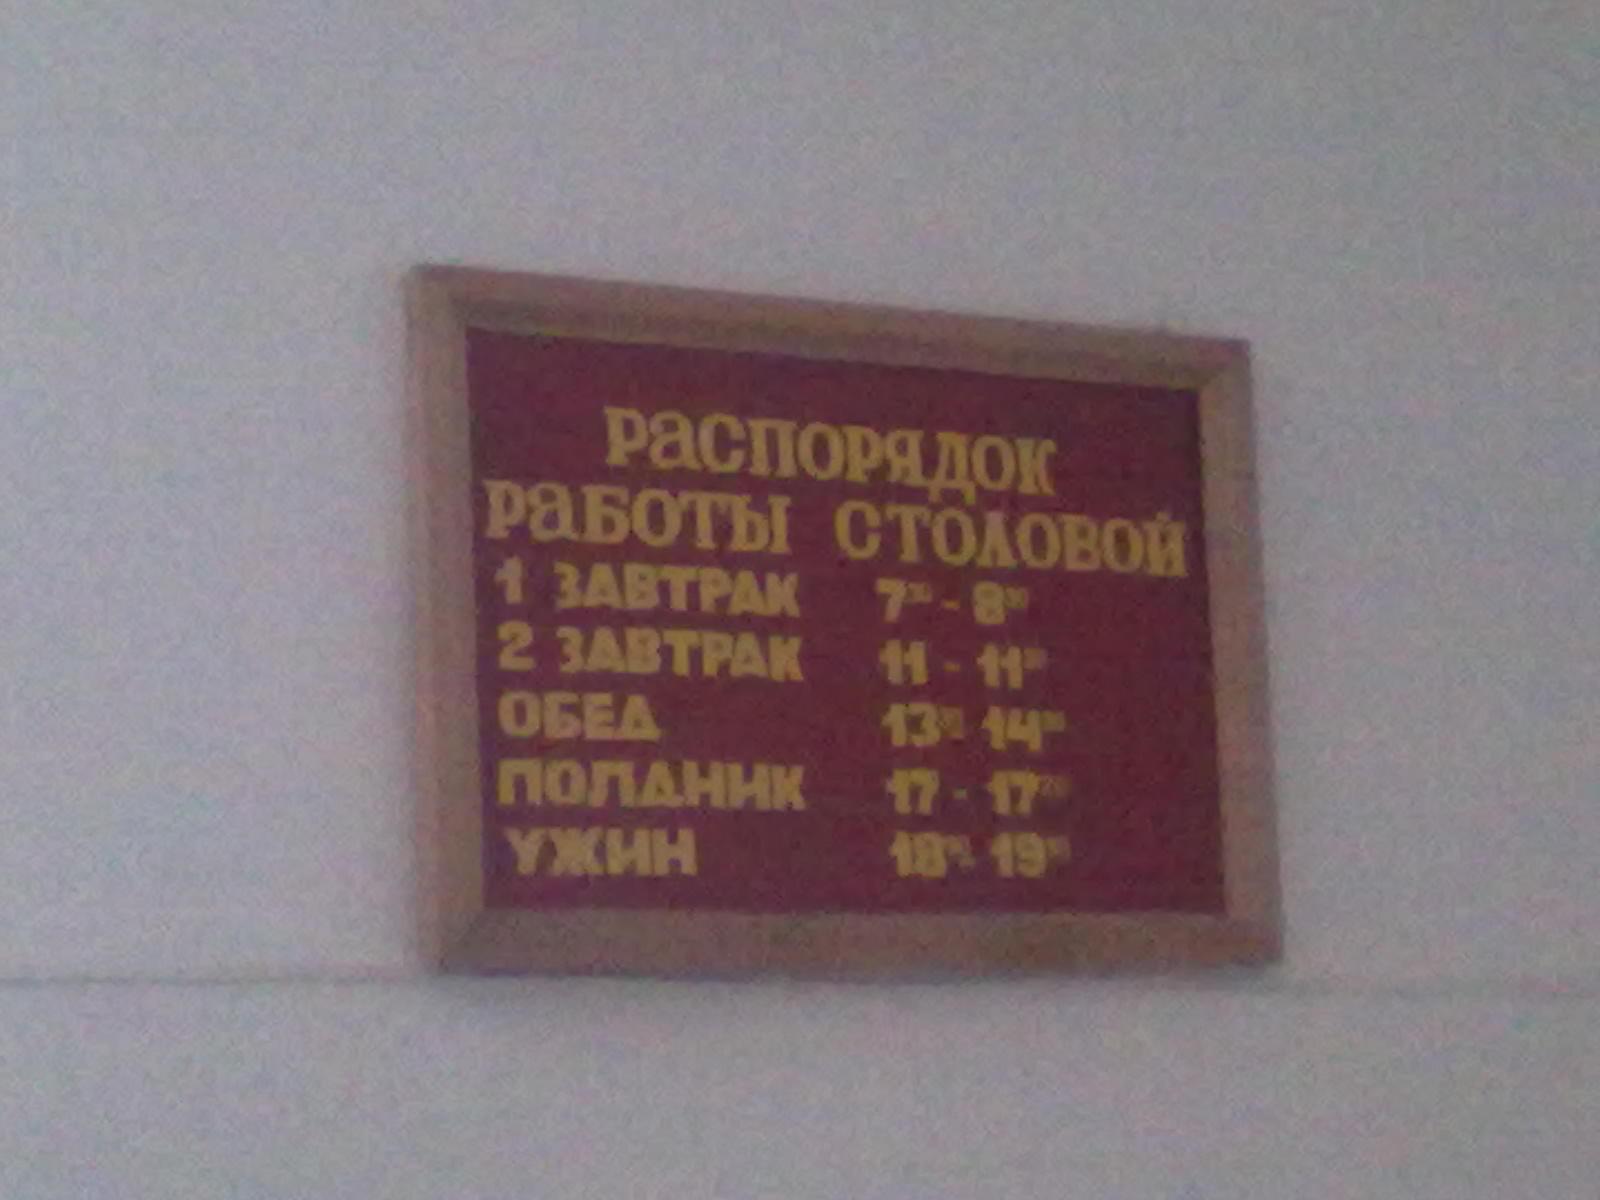 13012012015 - Пакатушка: Сталавічы- Чэрніхава-Сноў- Клецк- Нача-Грушаўка-Ляхавічы-Баранавічы-Сталавічы